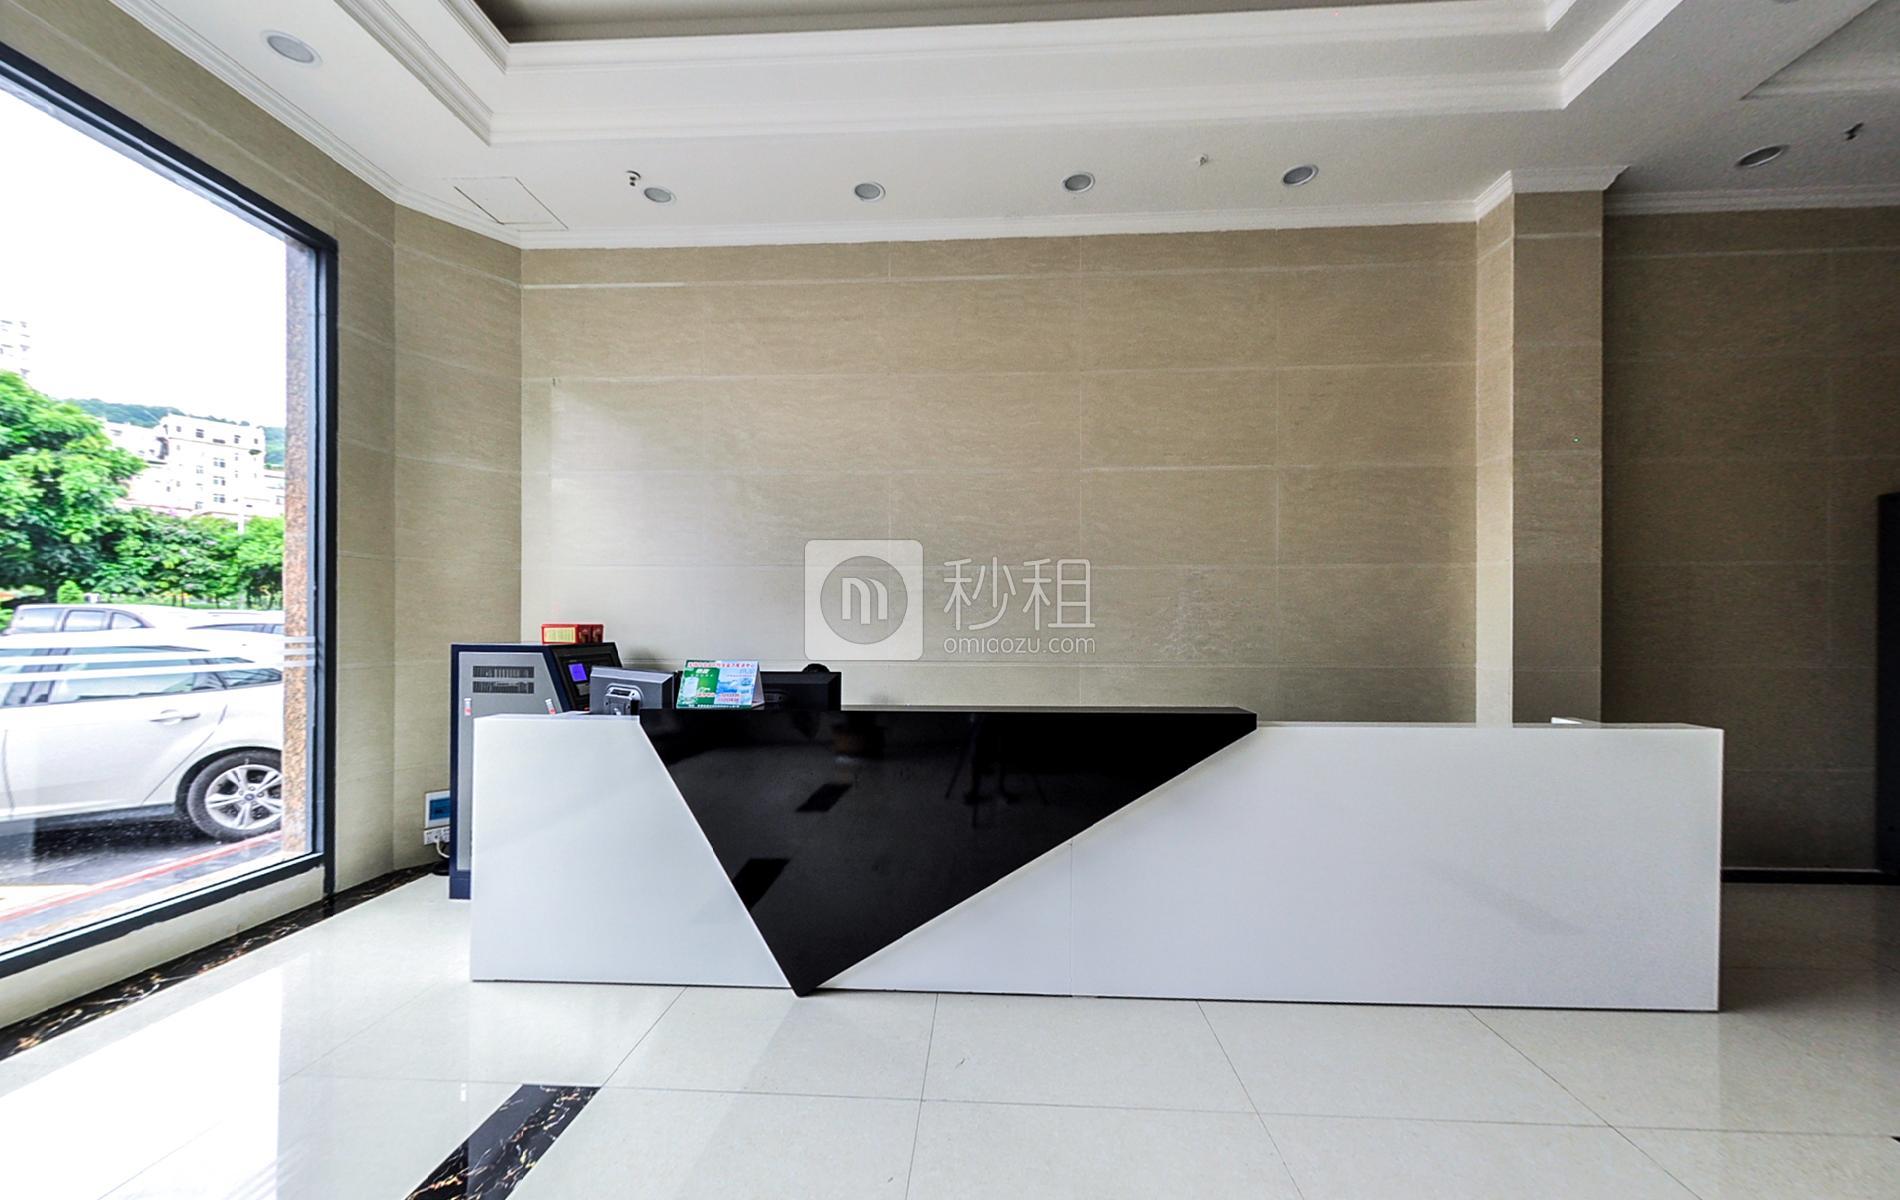 红湾商务中心写字楼出租/招租/租赁,红湾商务中心办公室出租/招租/租赁